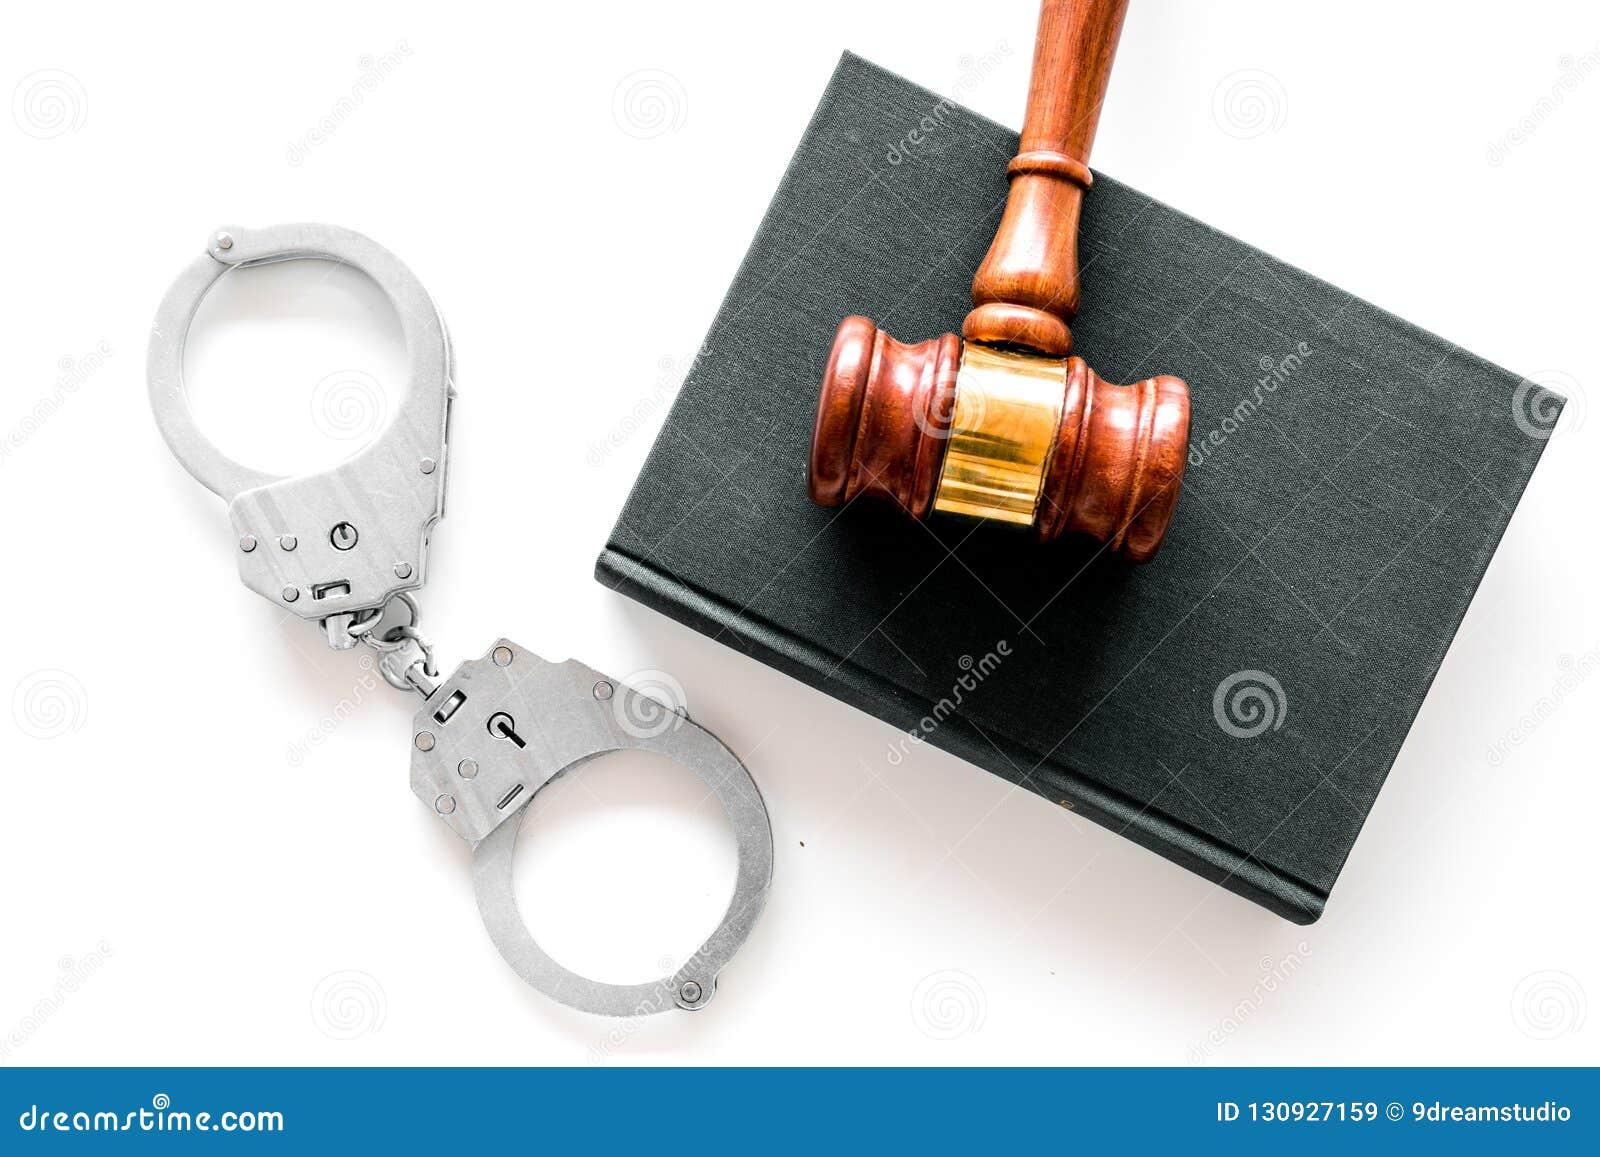 Ceglanego pojęcia przestępstwa przodu ręki srogiego mienia pistoletowa cienia ściana Metal zakłada kajdanki blisko sędziego młote